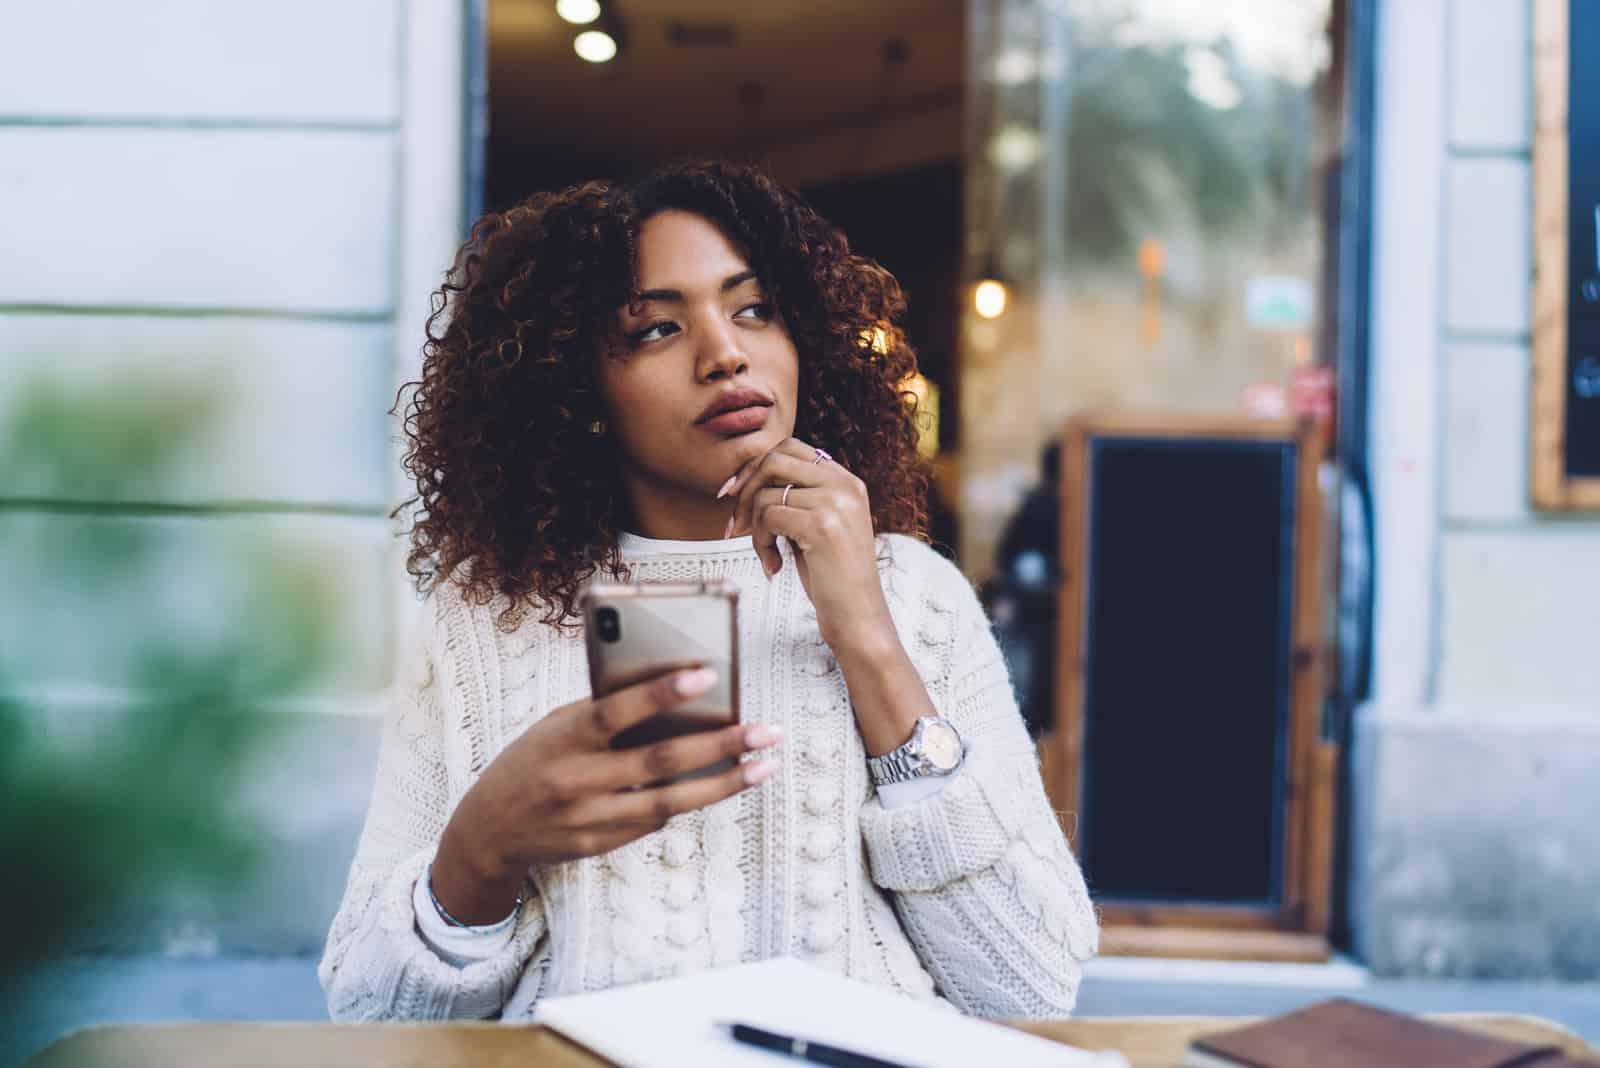 Nachdenkliche Frau in Freizeitkleidung, die am Holztisch sitzt